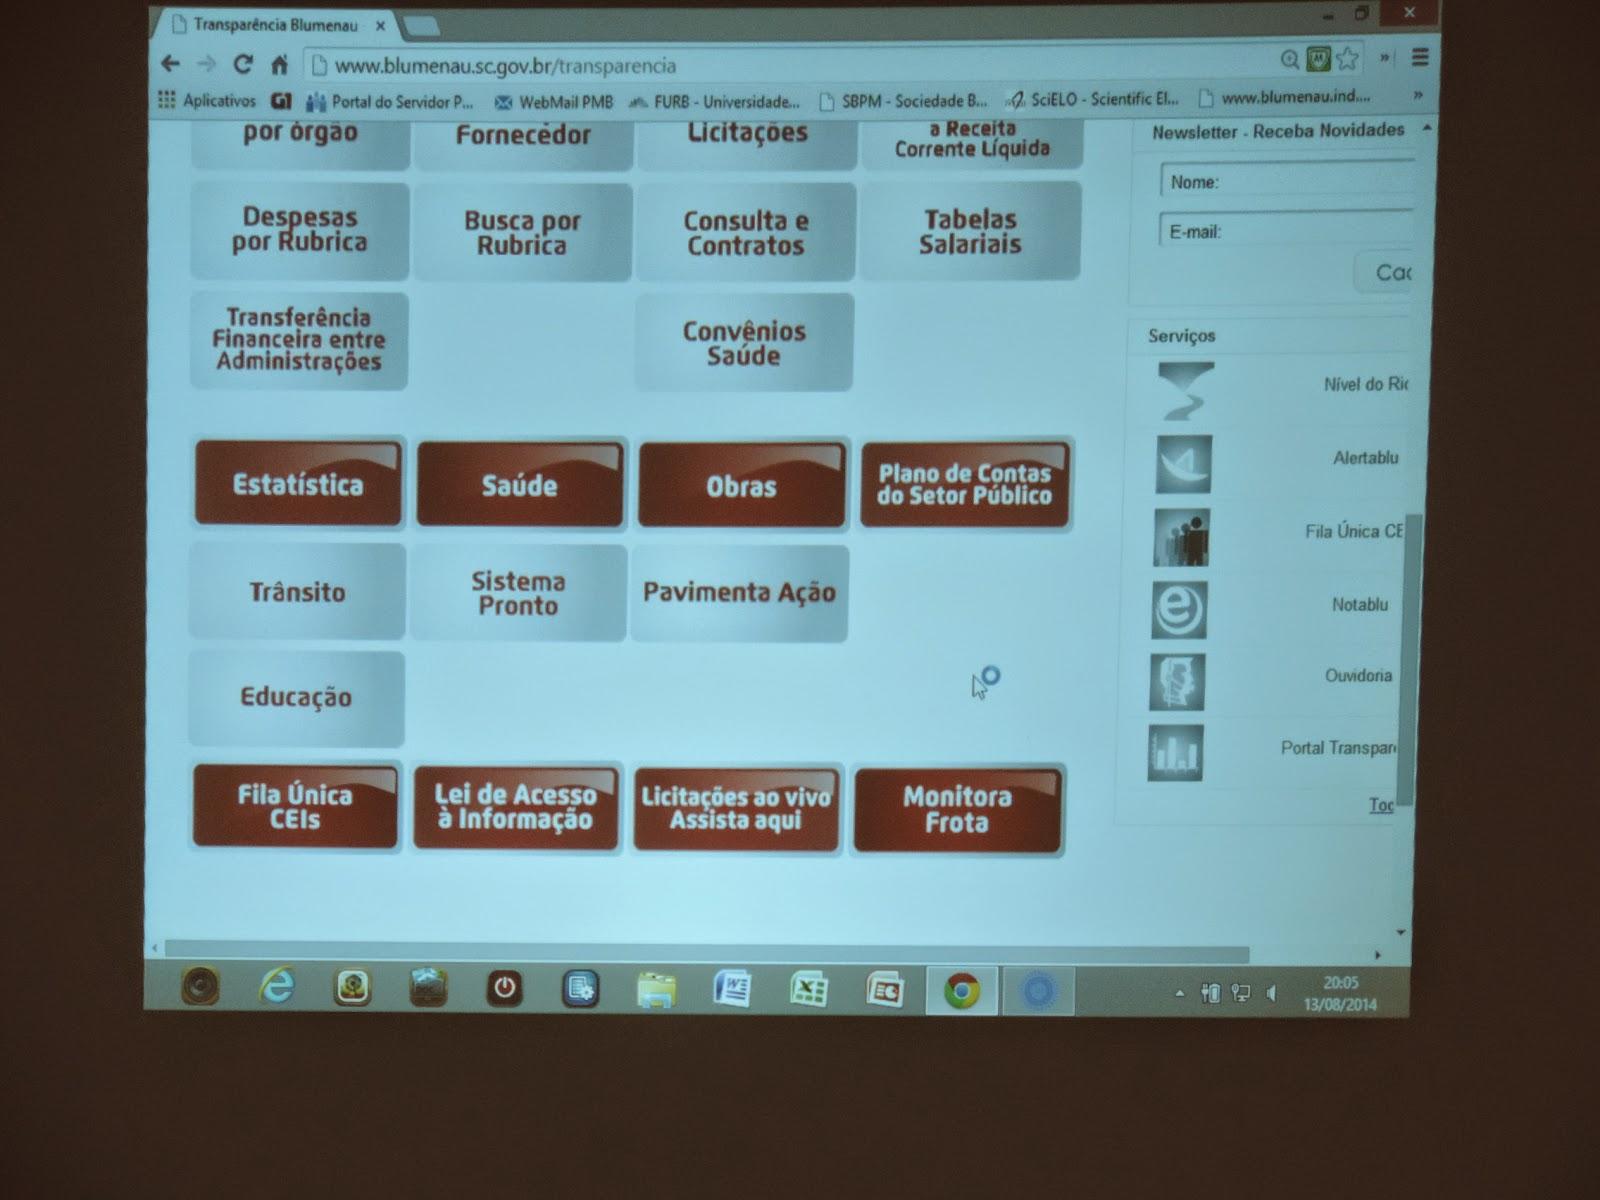 http://www.blumenau.sc.gov.br/transparencia